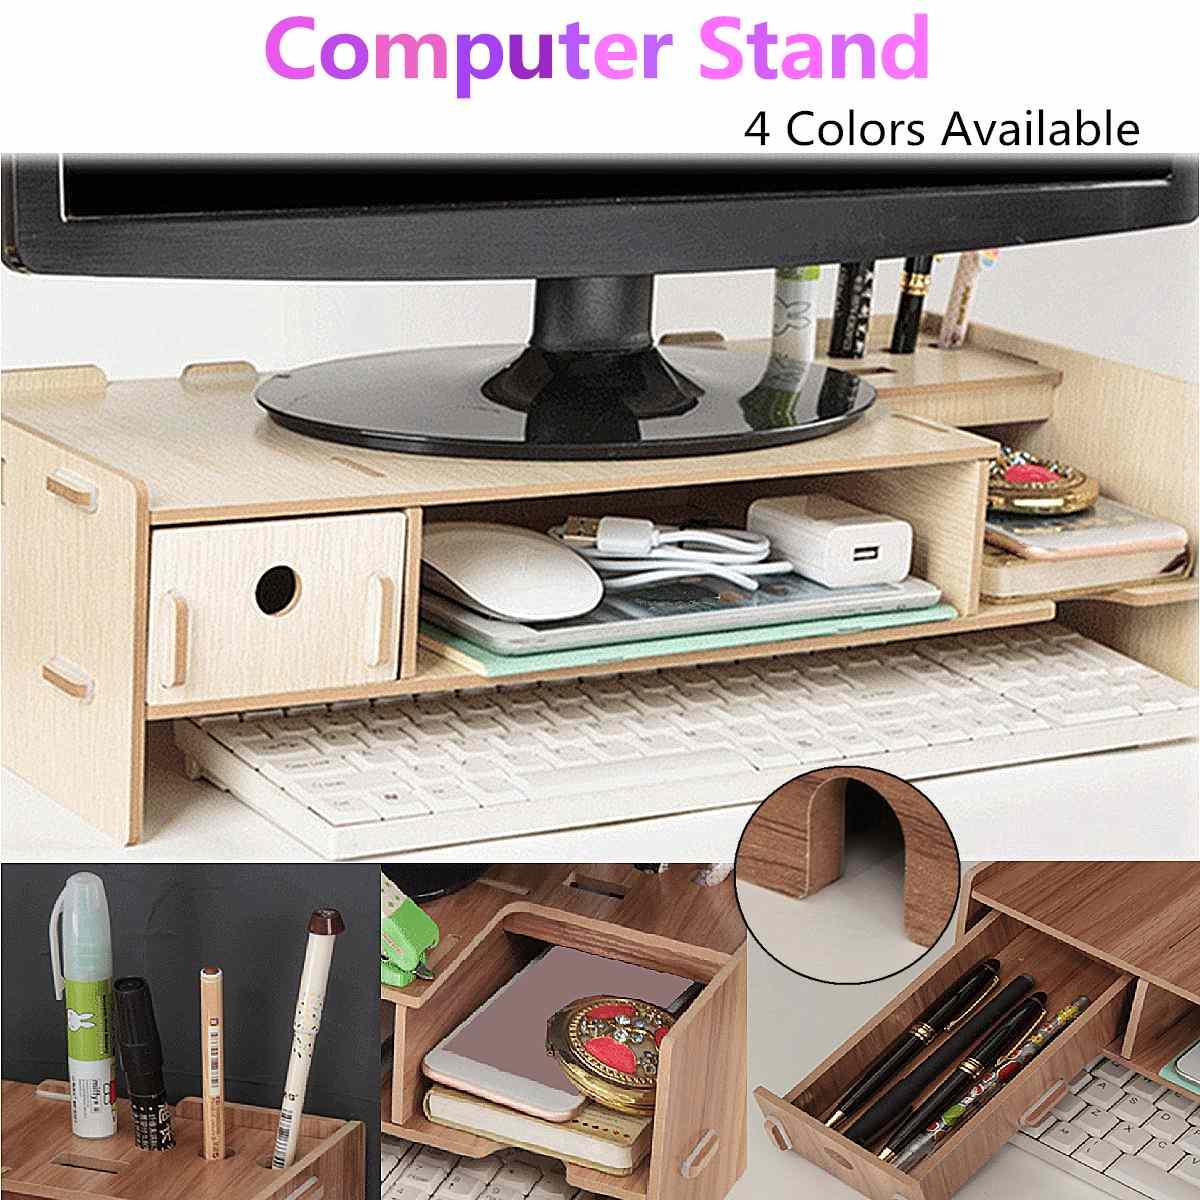 حامل شاشة كمبيوتر خشبي ، حامل مكتب ، رف تخزين ، ملحقات ، 48 × 20 × 12 سم